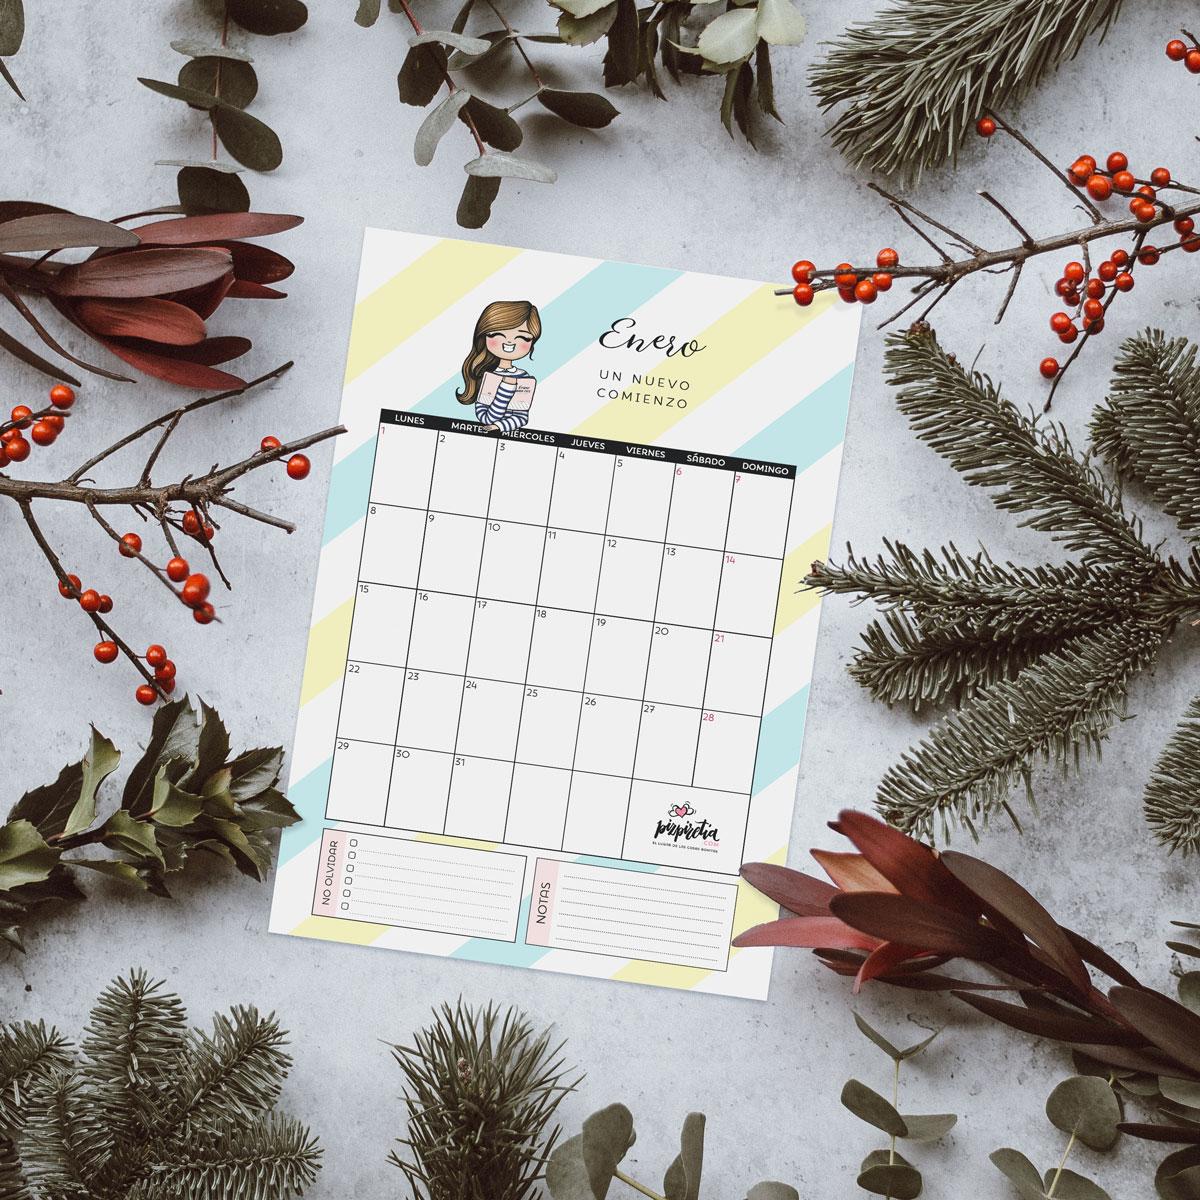 Planificador descargable e imprimible para enero 2018 de Pizpiretia